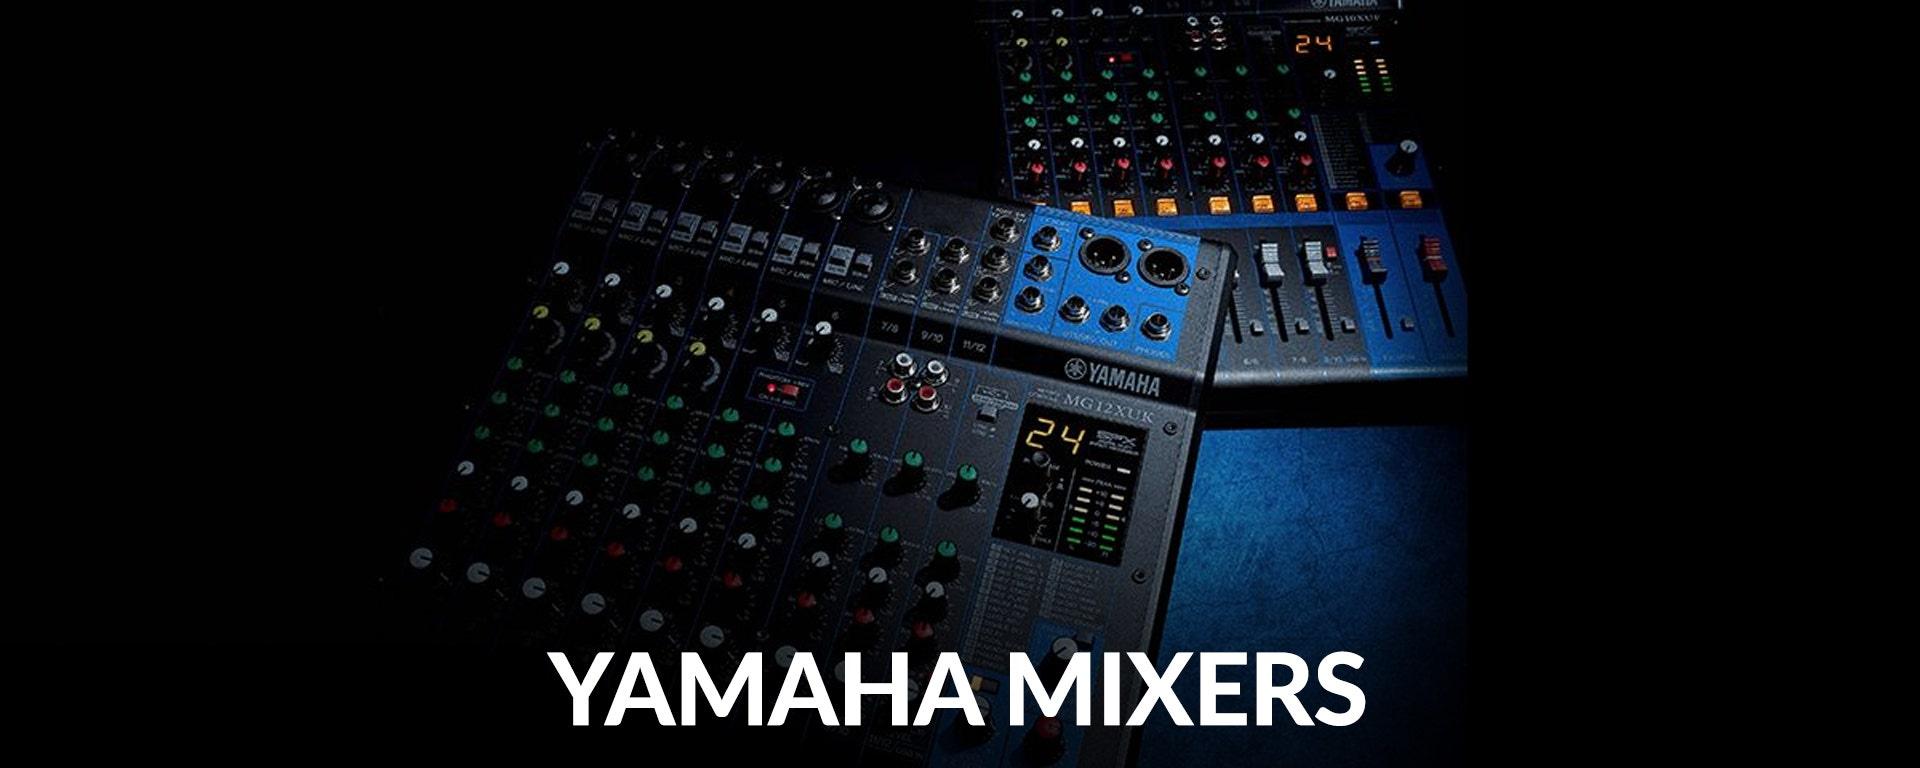 Shop Yamaha Mixers at SamAsh.com